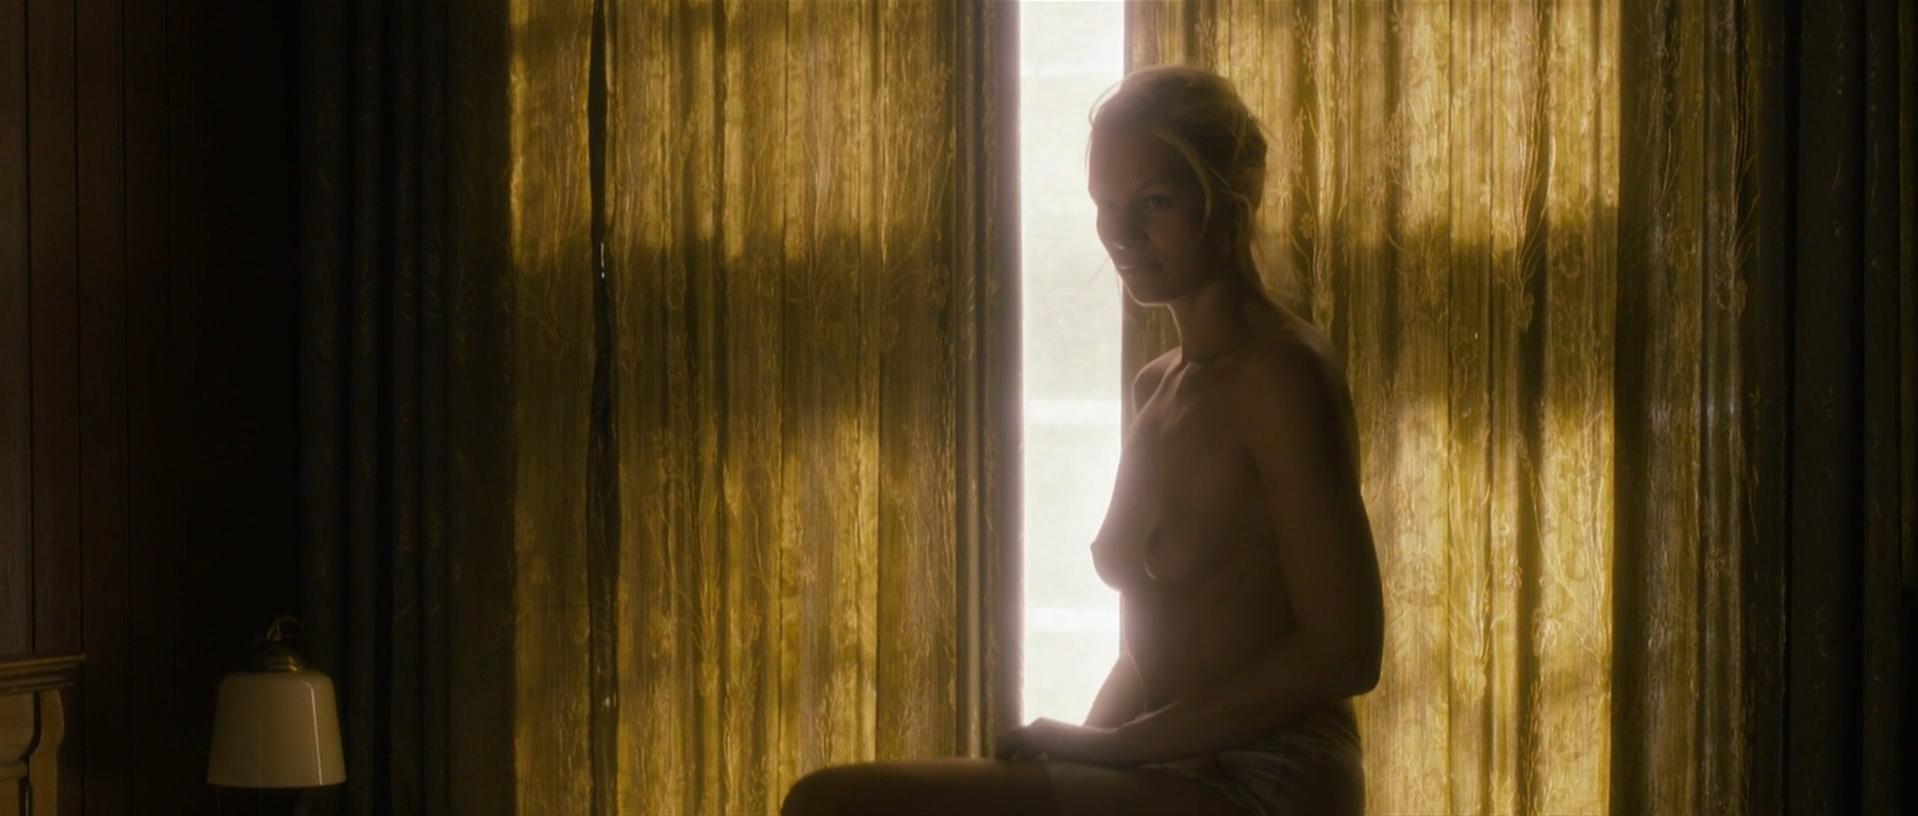 Anne Schramm nude, Hannah Herzsprung nude - Der Geschmack von Apfelkernen (2013)